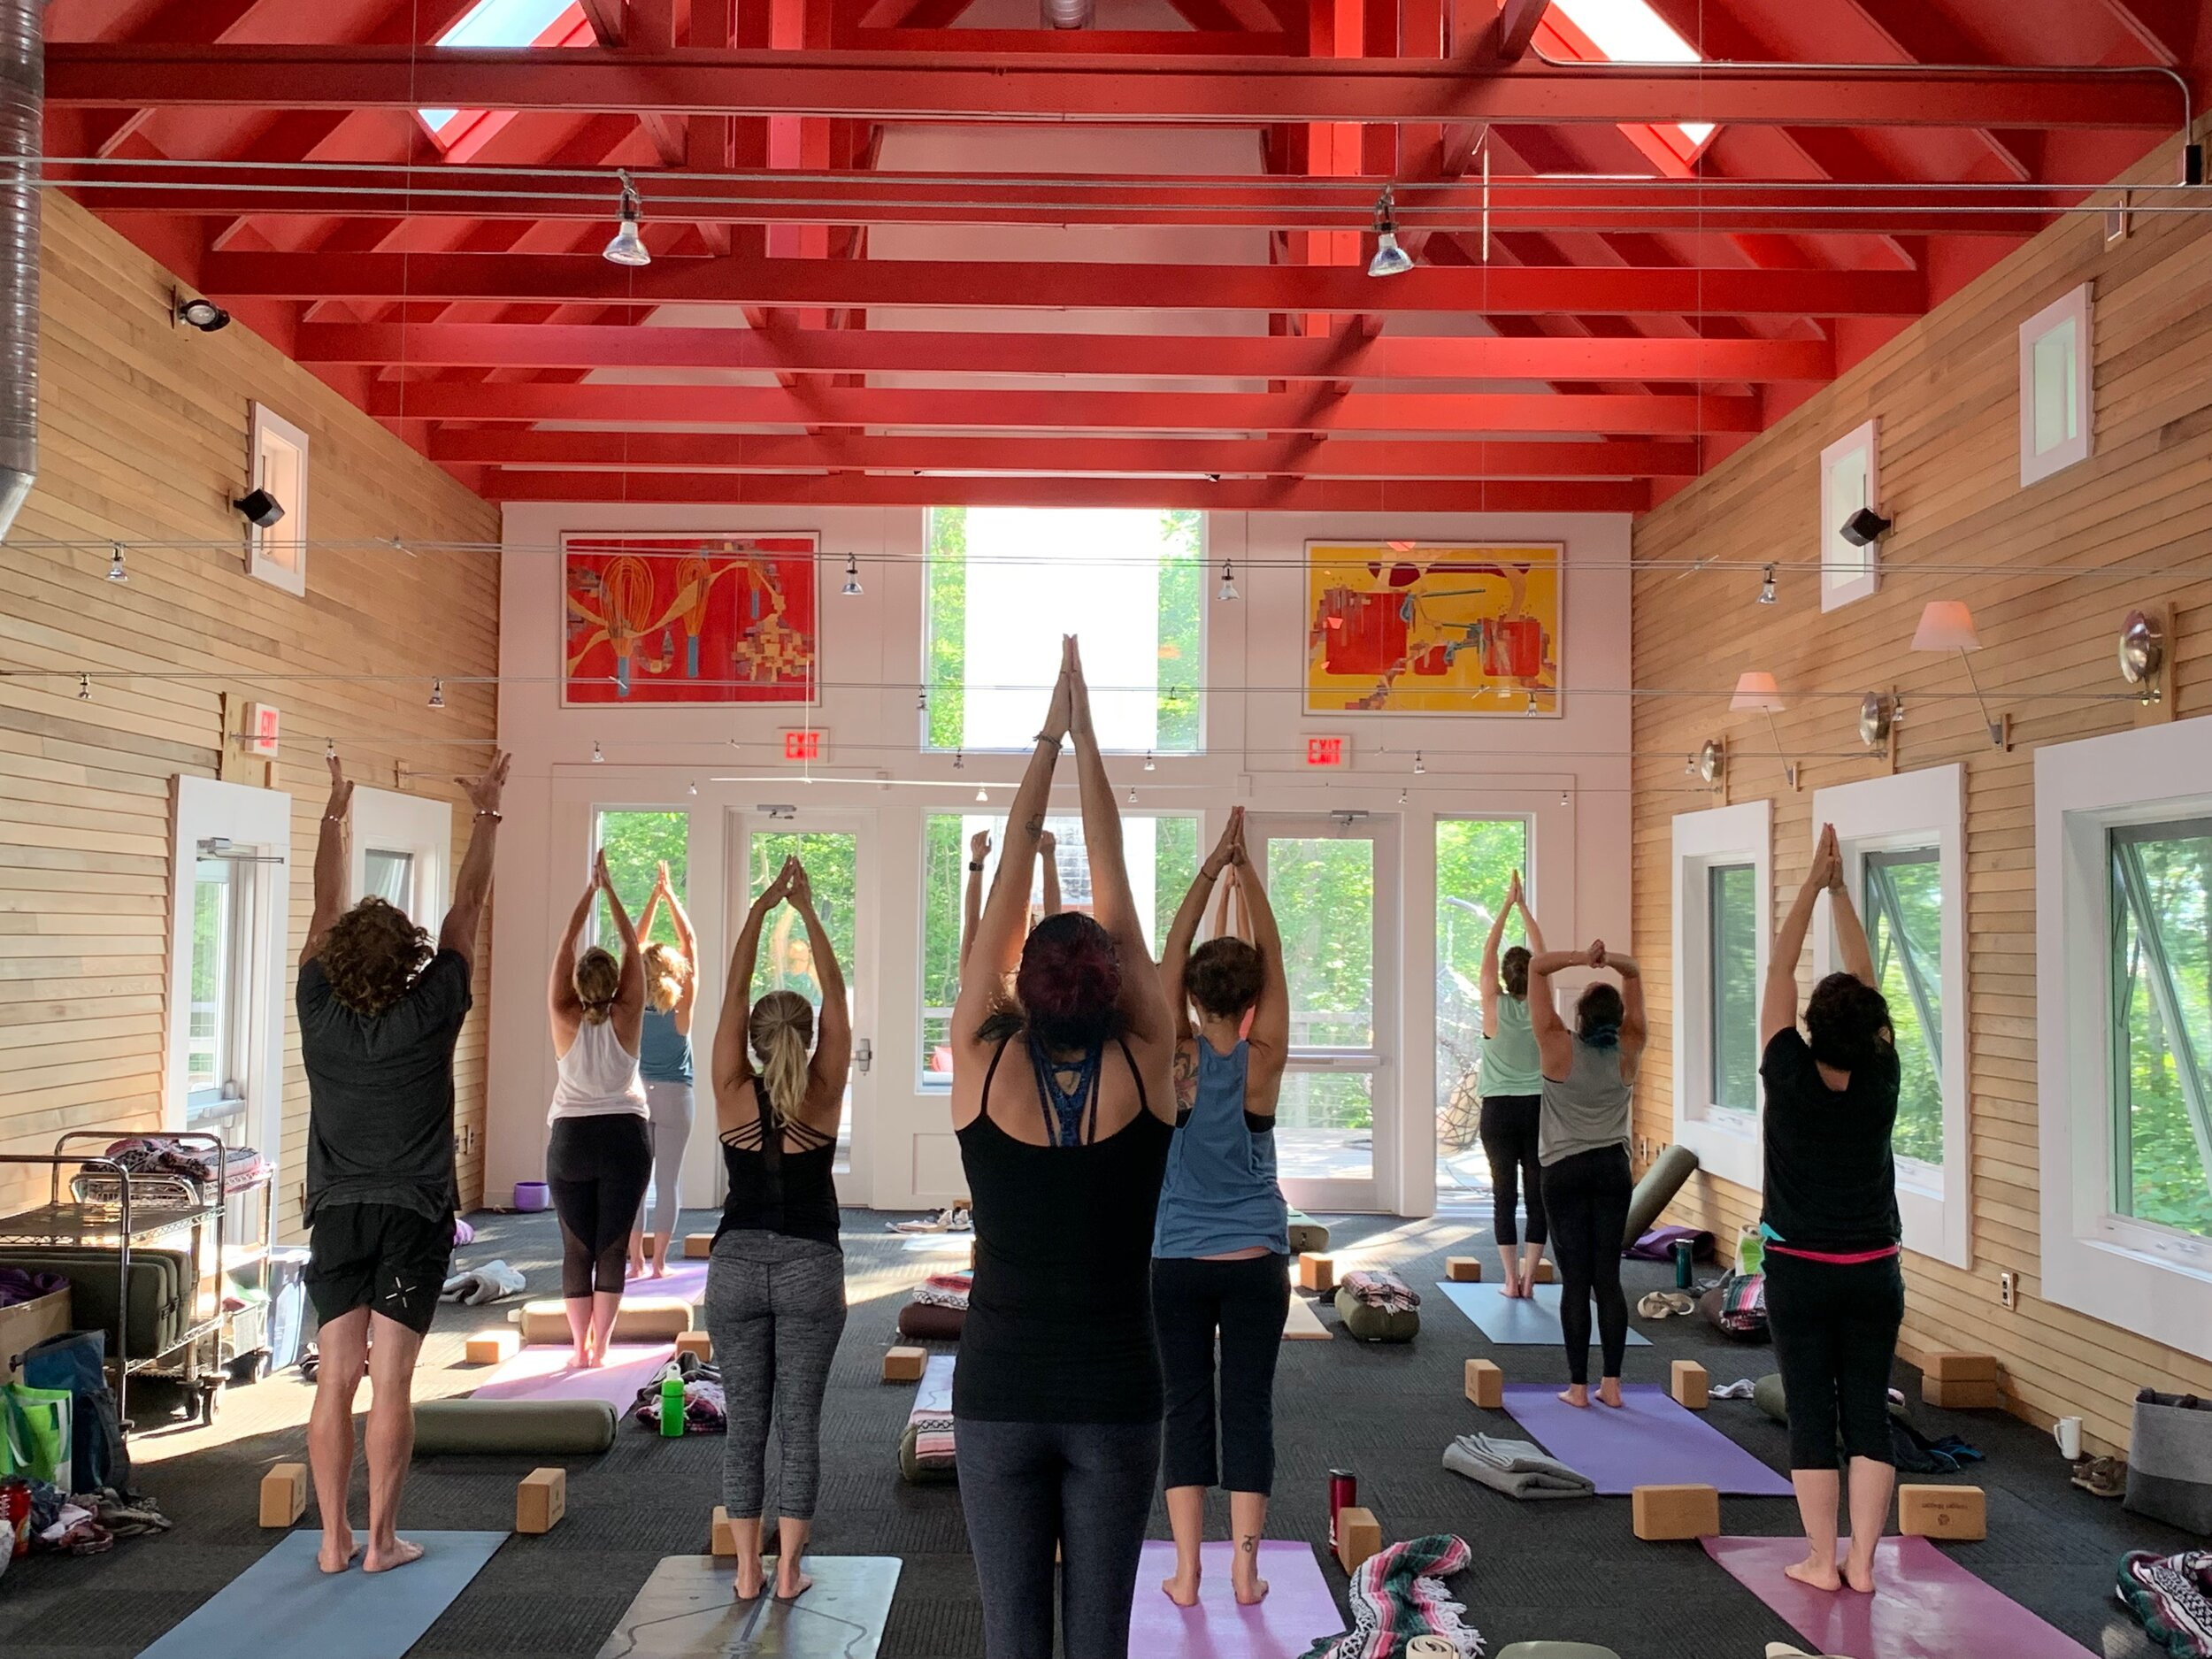 WildRiceRetreat_yogaclass.JPG